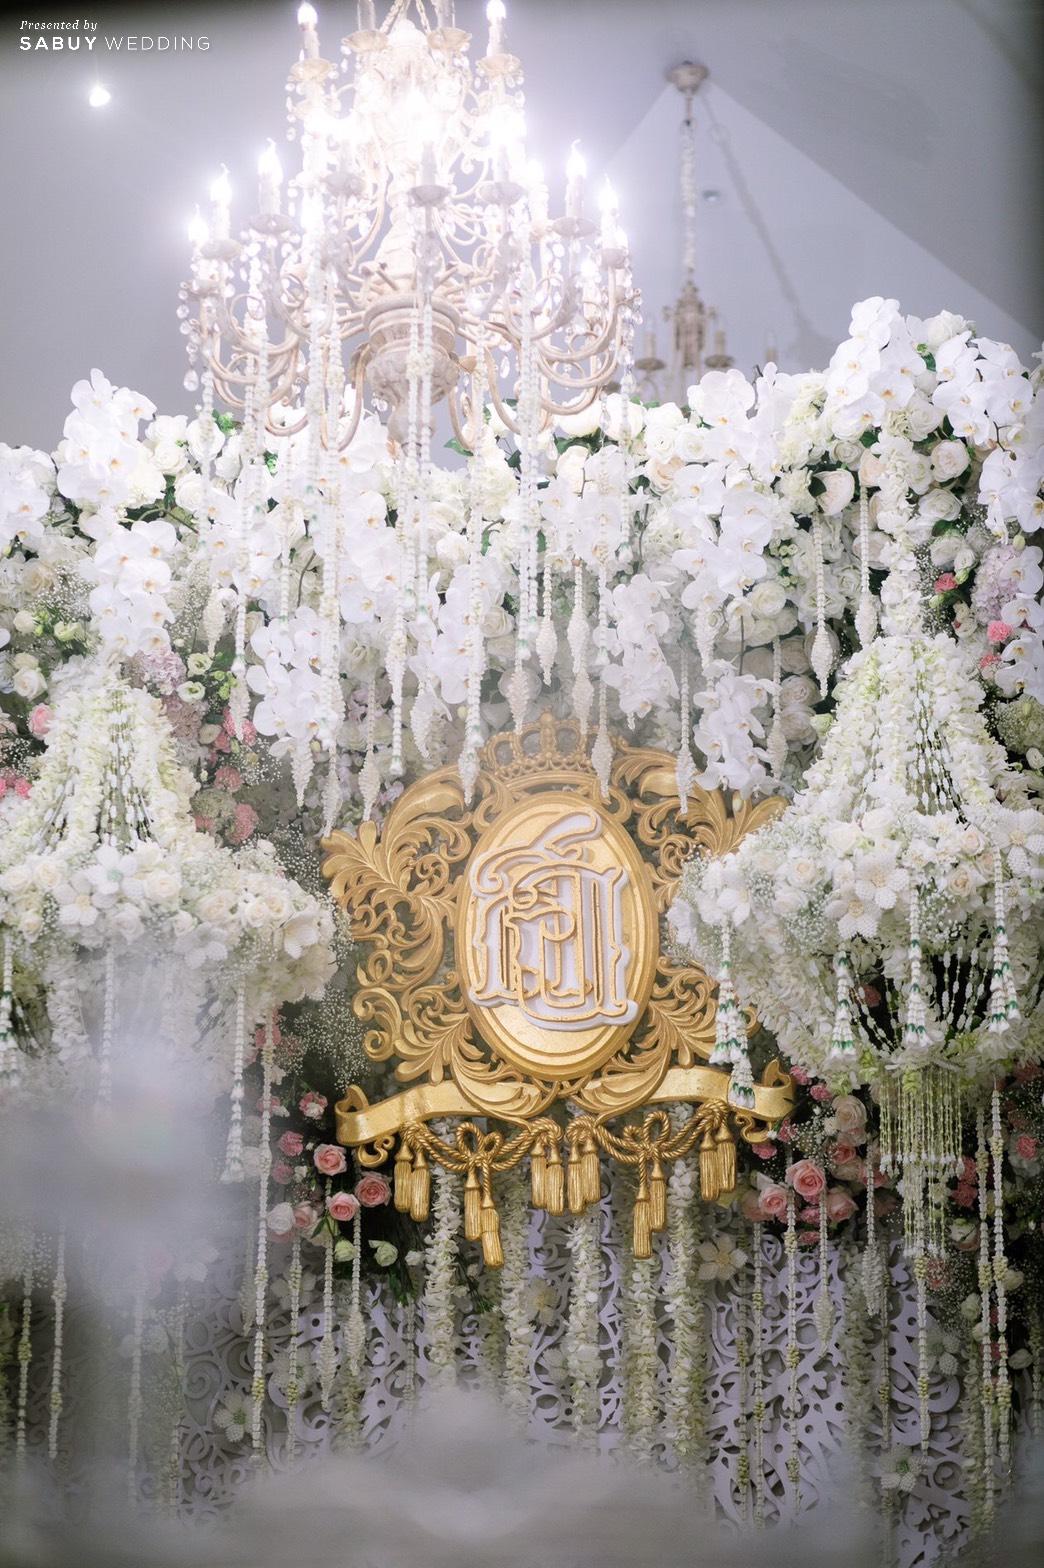 ตกแต่งงานแต่งงาน,ออแกไนเซอร์ รีวิวงานแต่งเสน่ห์ไทย ในสถานที่สไตล์โคโลเนียล @ House of Chandra